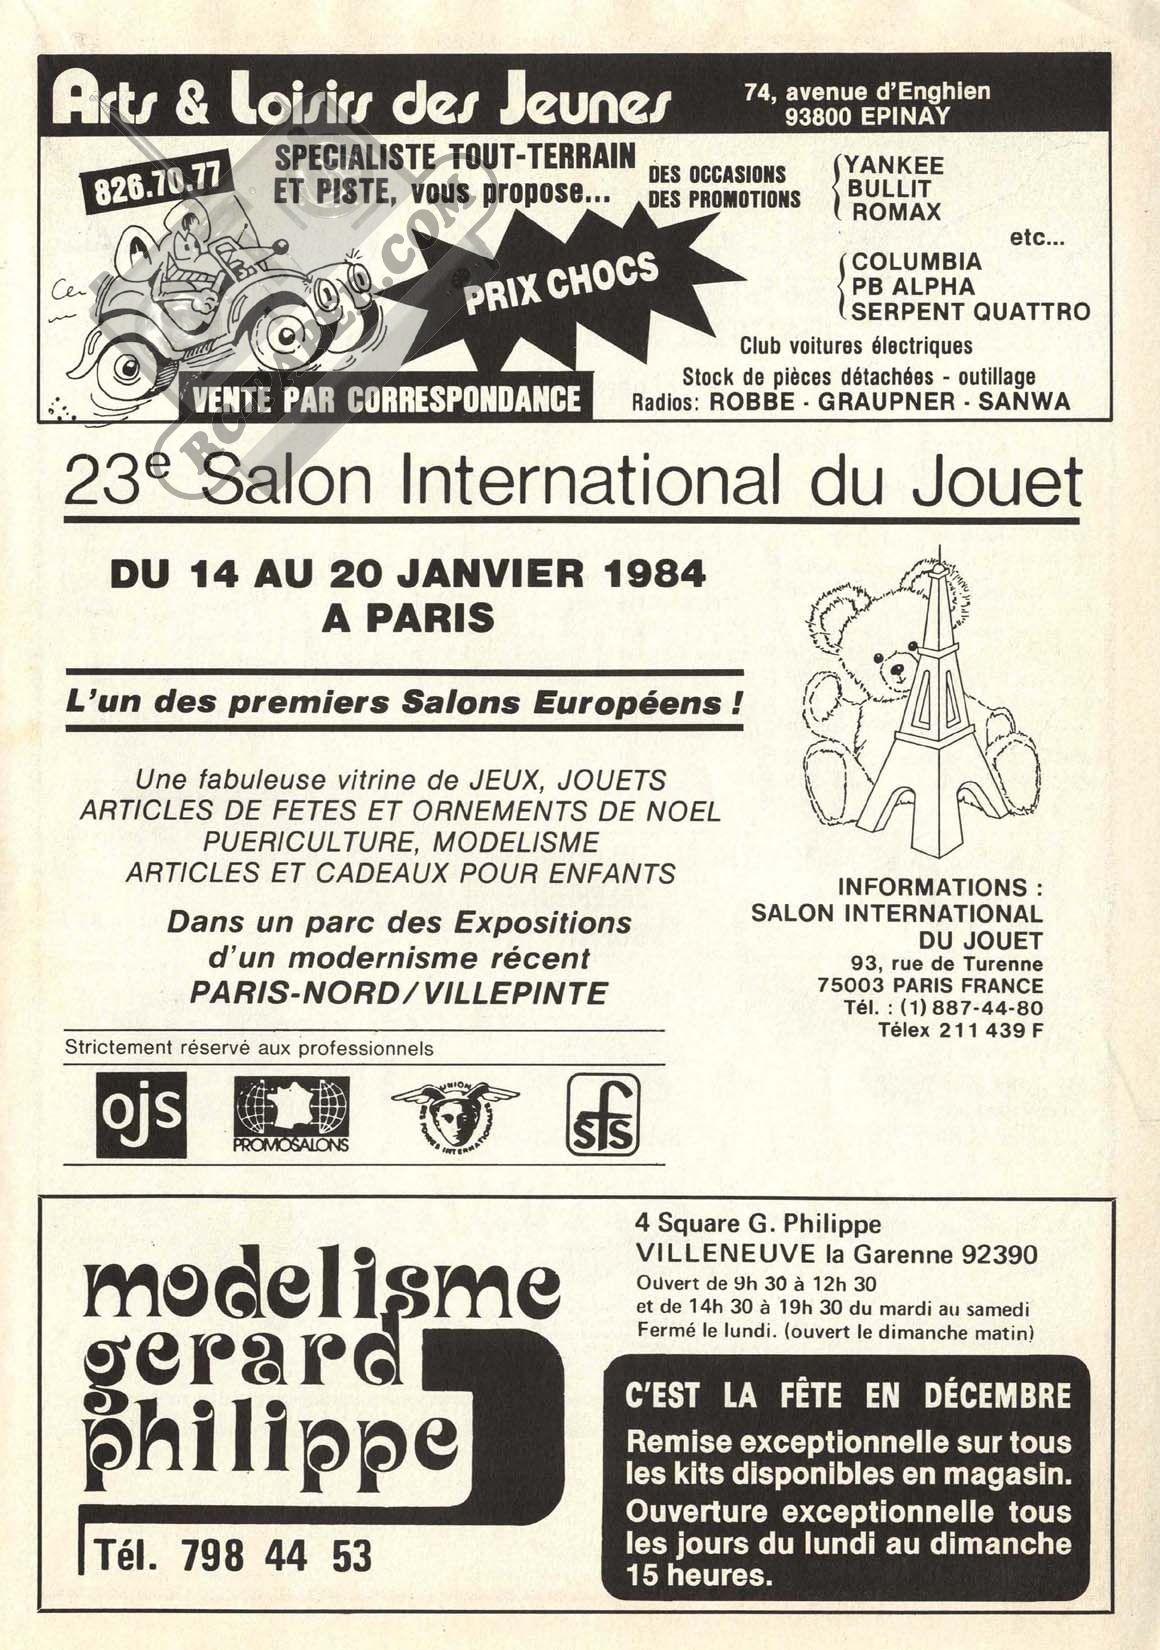 Paris Materiaux Villeneuve La Garenne index of /scanshd/revues/rev_autorcmfr/rev_autorcmfr-0027